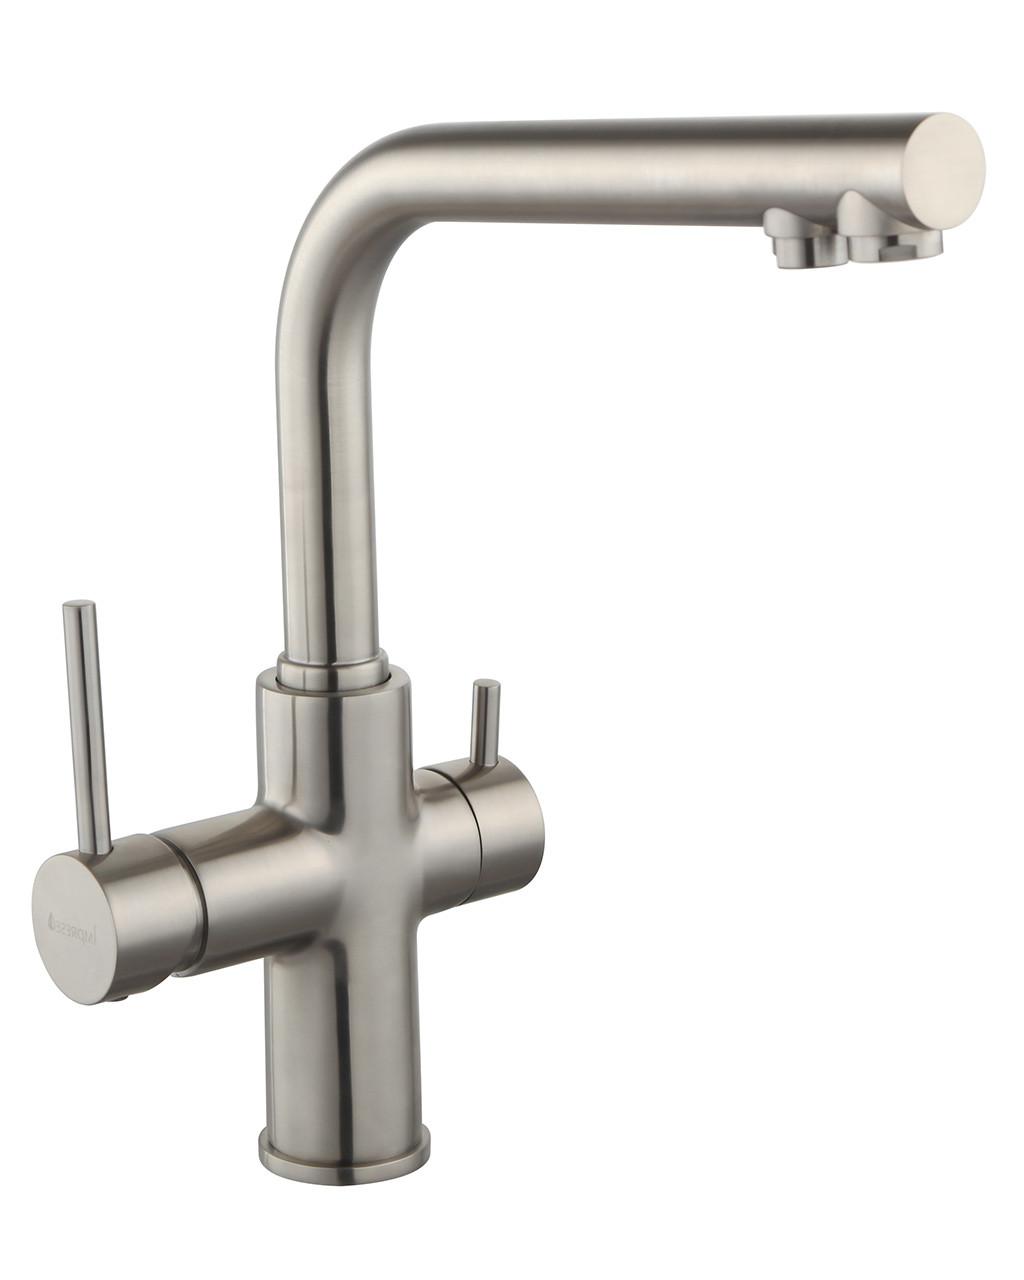 Змішувач для кухні Imprese Daicy 55009S-F, сатин (з підключенням питної води)